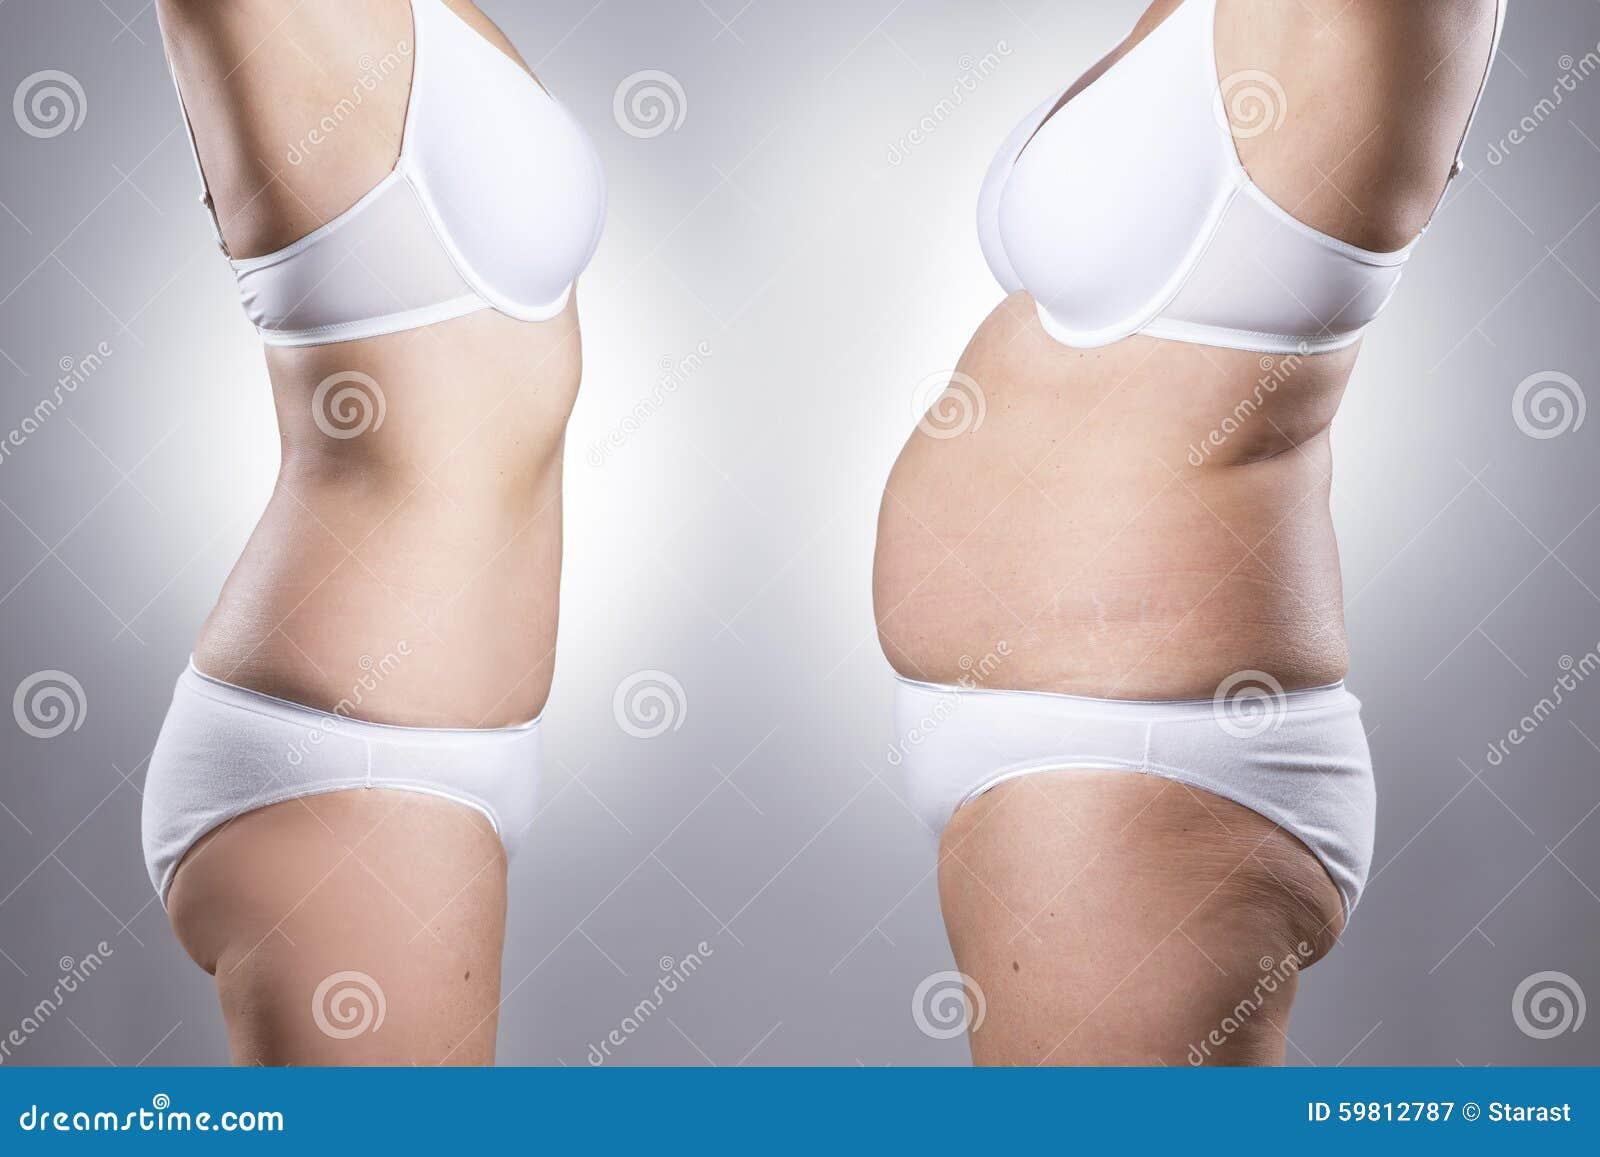 trasformazione del corpo di perdita di peso prima e dopo le foto